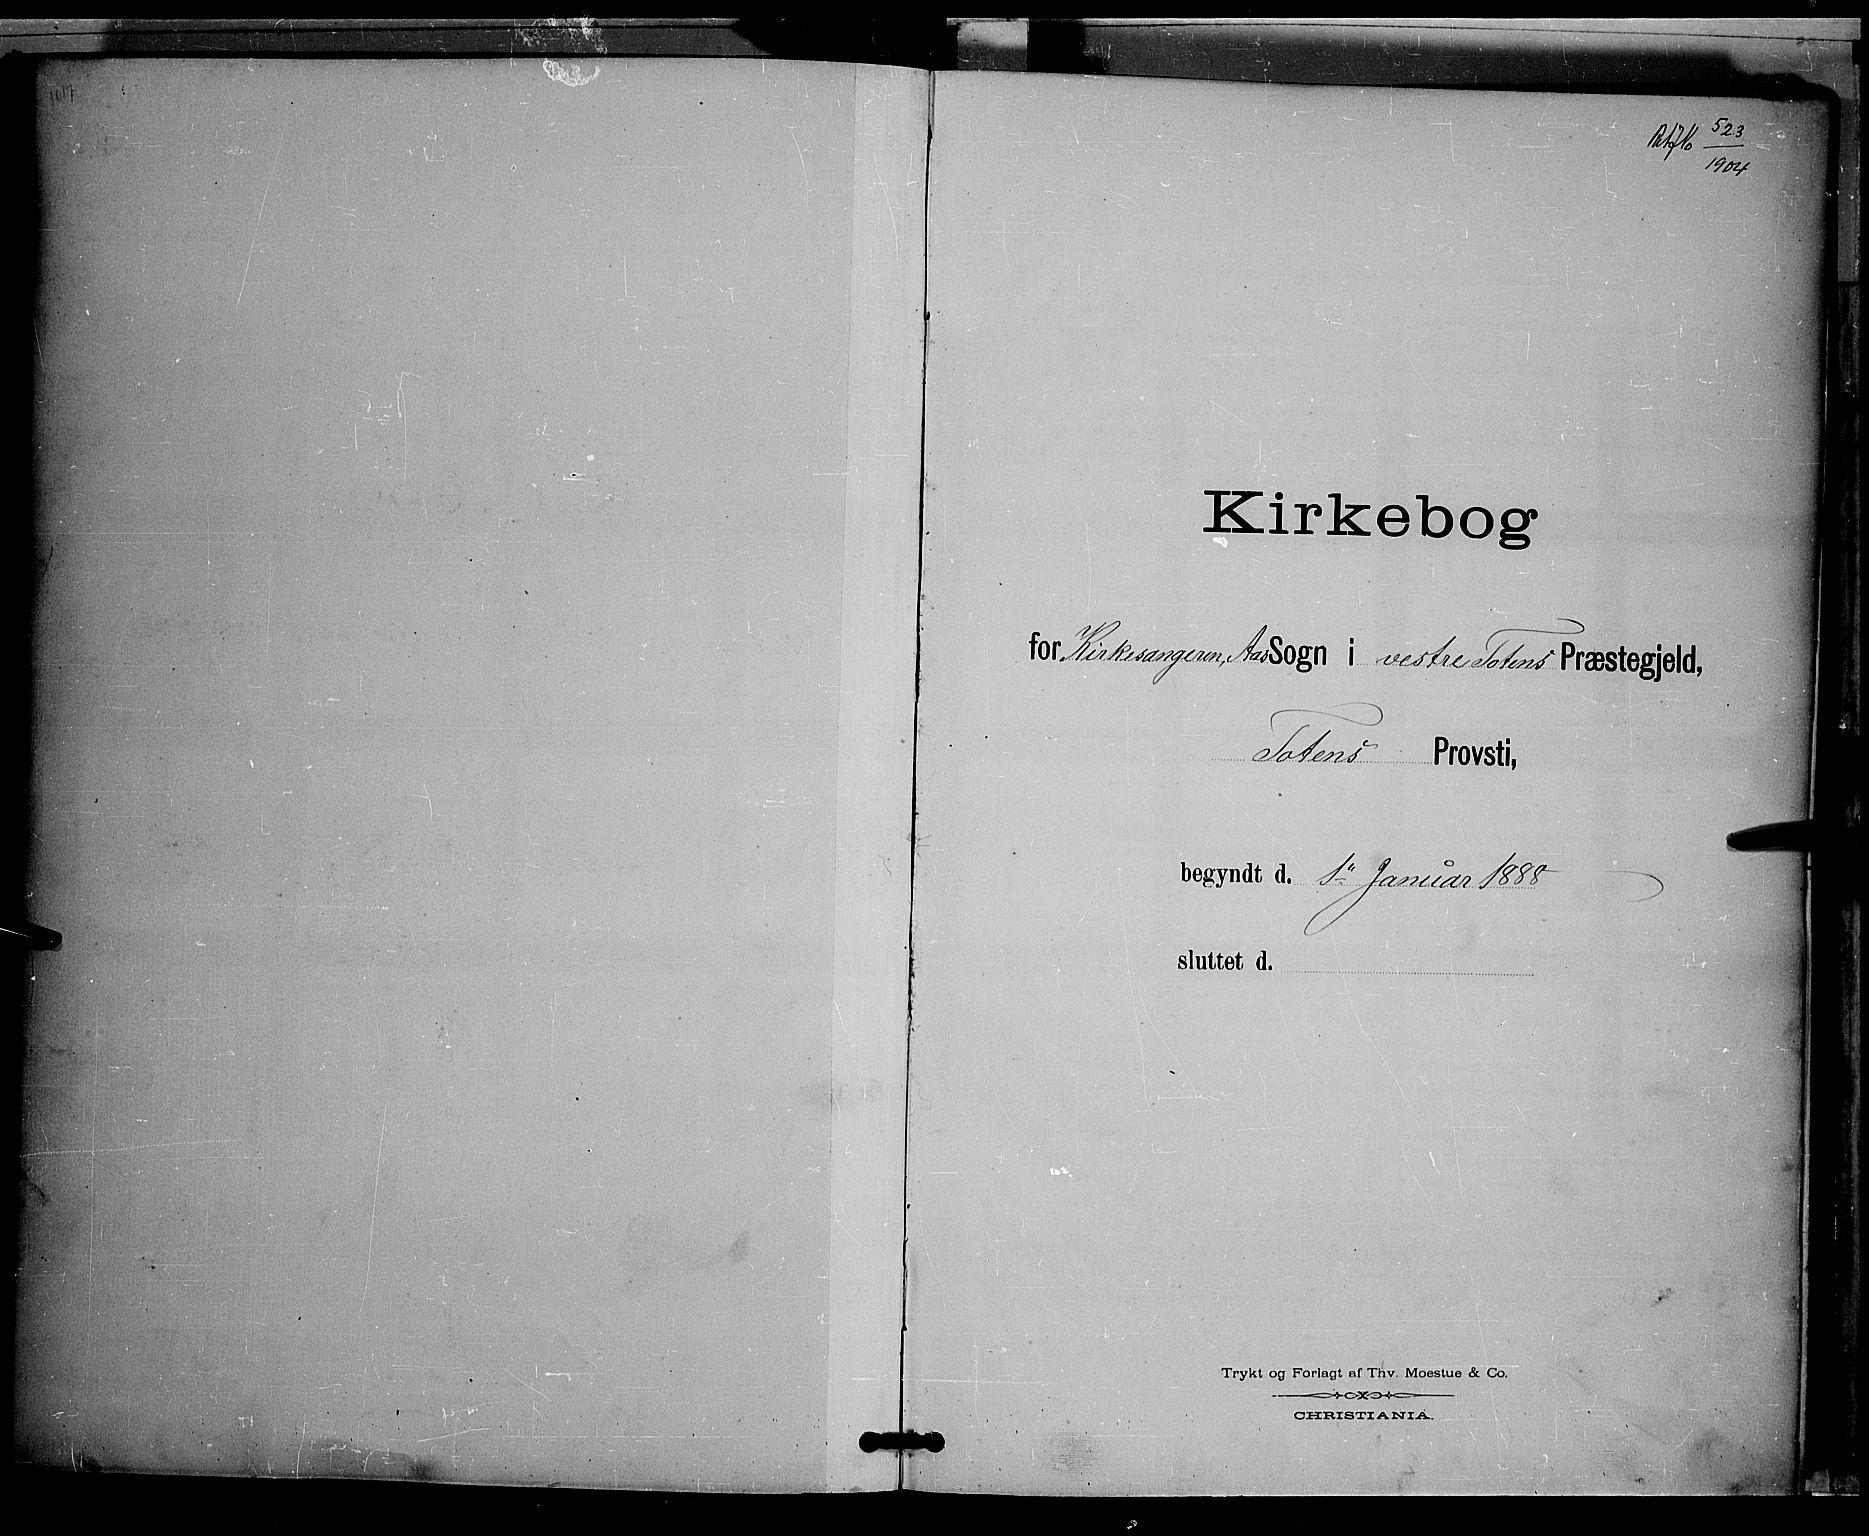 SAH, Vestre Toten prestekontor, H/Ha/Hab/L0009: Klokkerbok nr. 9, 1888-1900